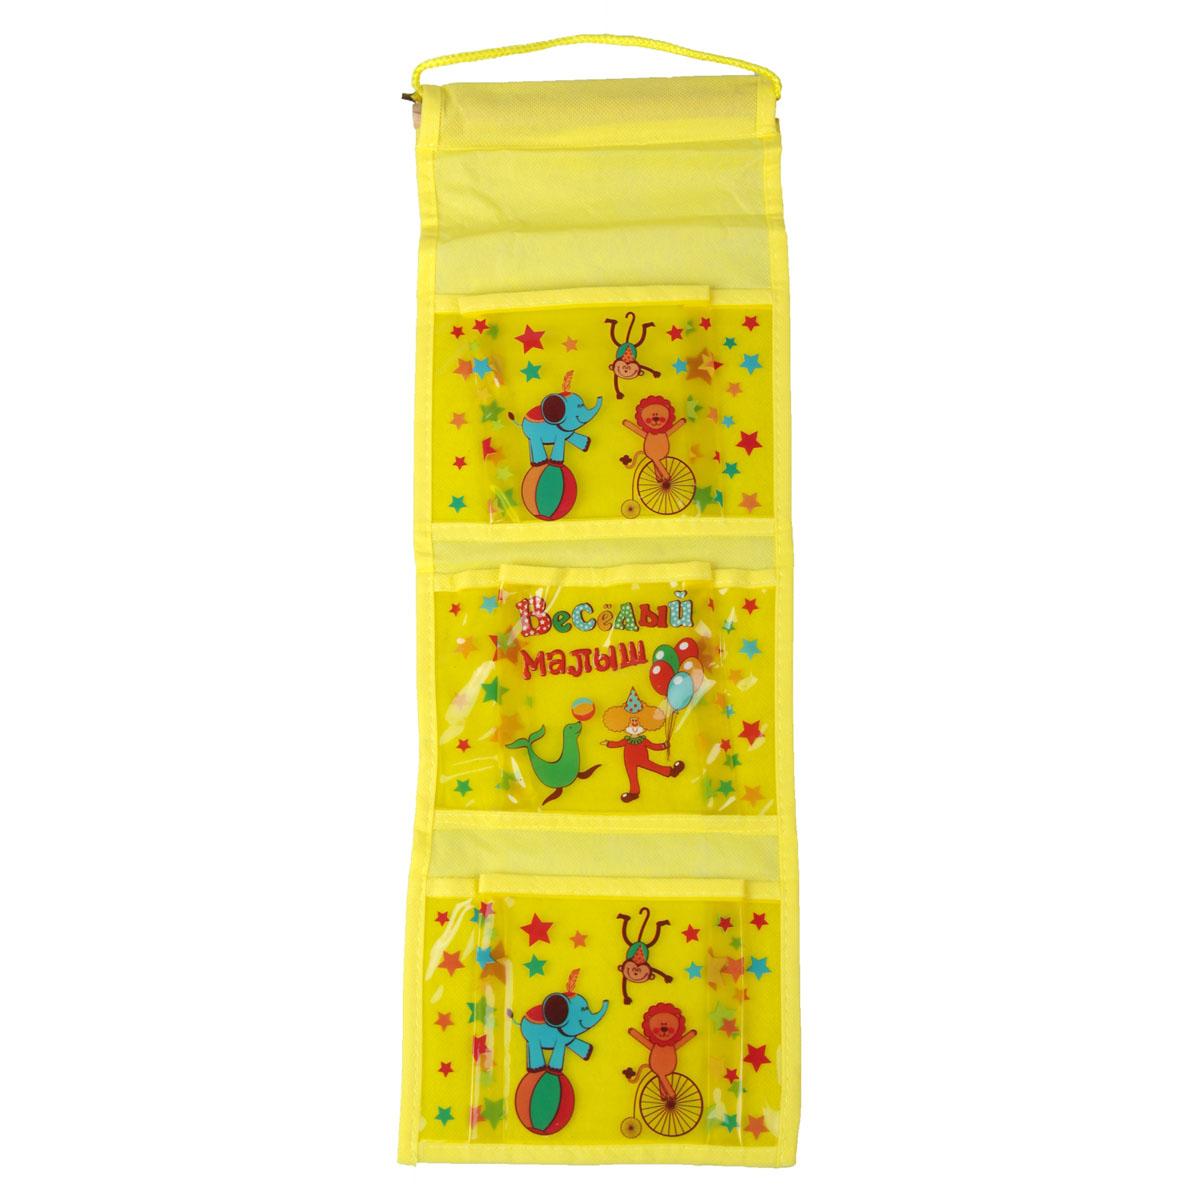 Кармашки на стену Sima-land Веселый малыш, цвет: желтый, красный, зеленый, 3 шт41619Кармашки на стену Sima-land «Веселый малыш», изготовленные из текстиля и пластика, предназначены для хранения необходимых вещей, множества мелочей в гардеробной, ванной, детской комнатах. Изделие представляет собой текстильное полотно с тремя пришитыми кармашками. Благодаря деревянной планке и шнурку, кармашки можно подвесить на стену или дверь в необходимом для вас месте. Кармашки декорированы изображениями забавных артистов цирка и надписью «Веселый малыш».Этот нужный предмет может стать одновременно и декоративным элементом комнаты. Яркий дизайн, как ничто иное, способен оживить интерьер вашего дома.